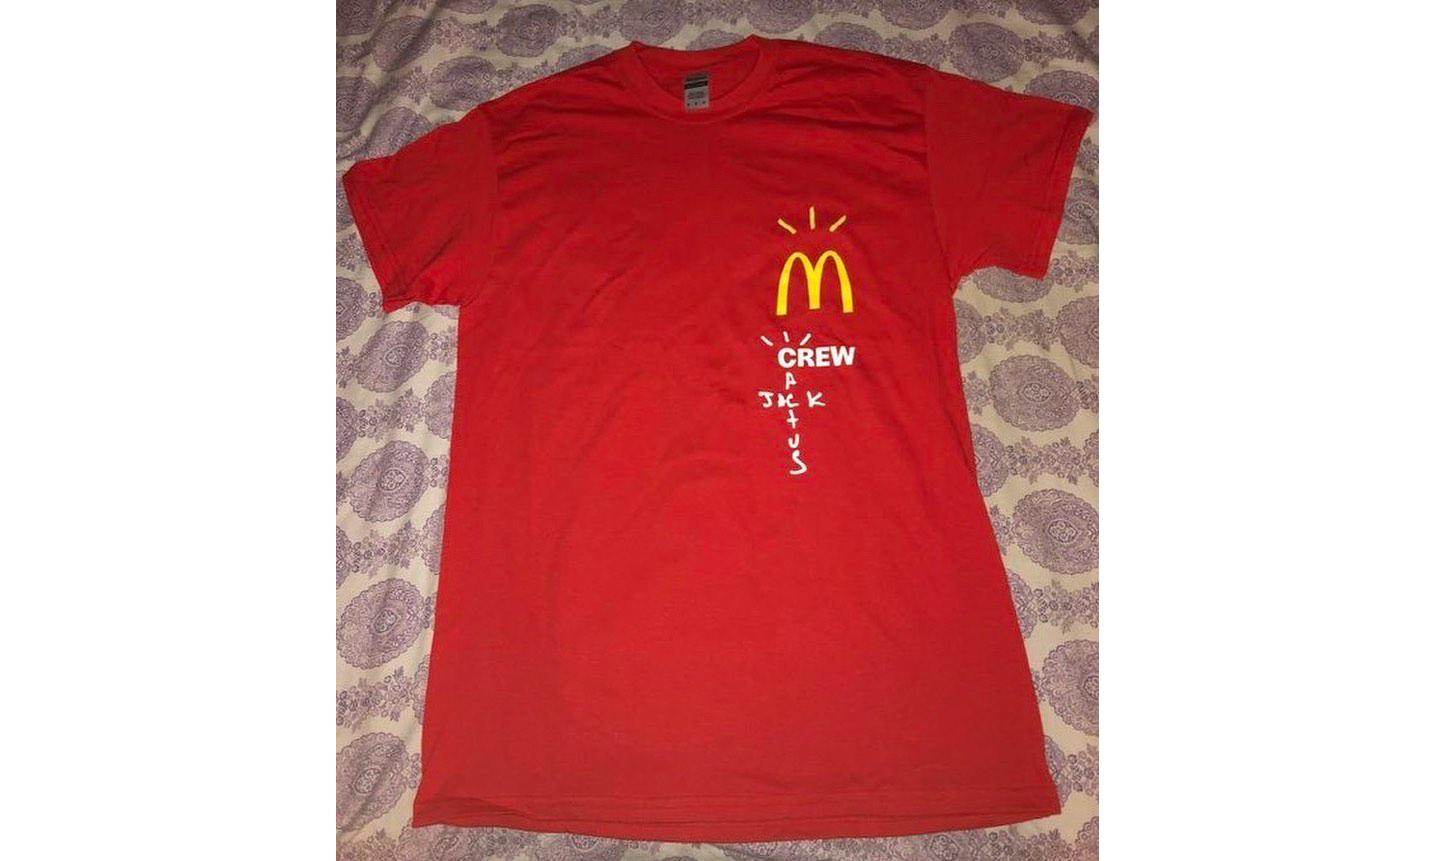 Travis Scott x 麦当劳 T恤曝光,已被 600 美元售出?